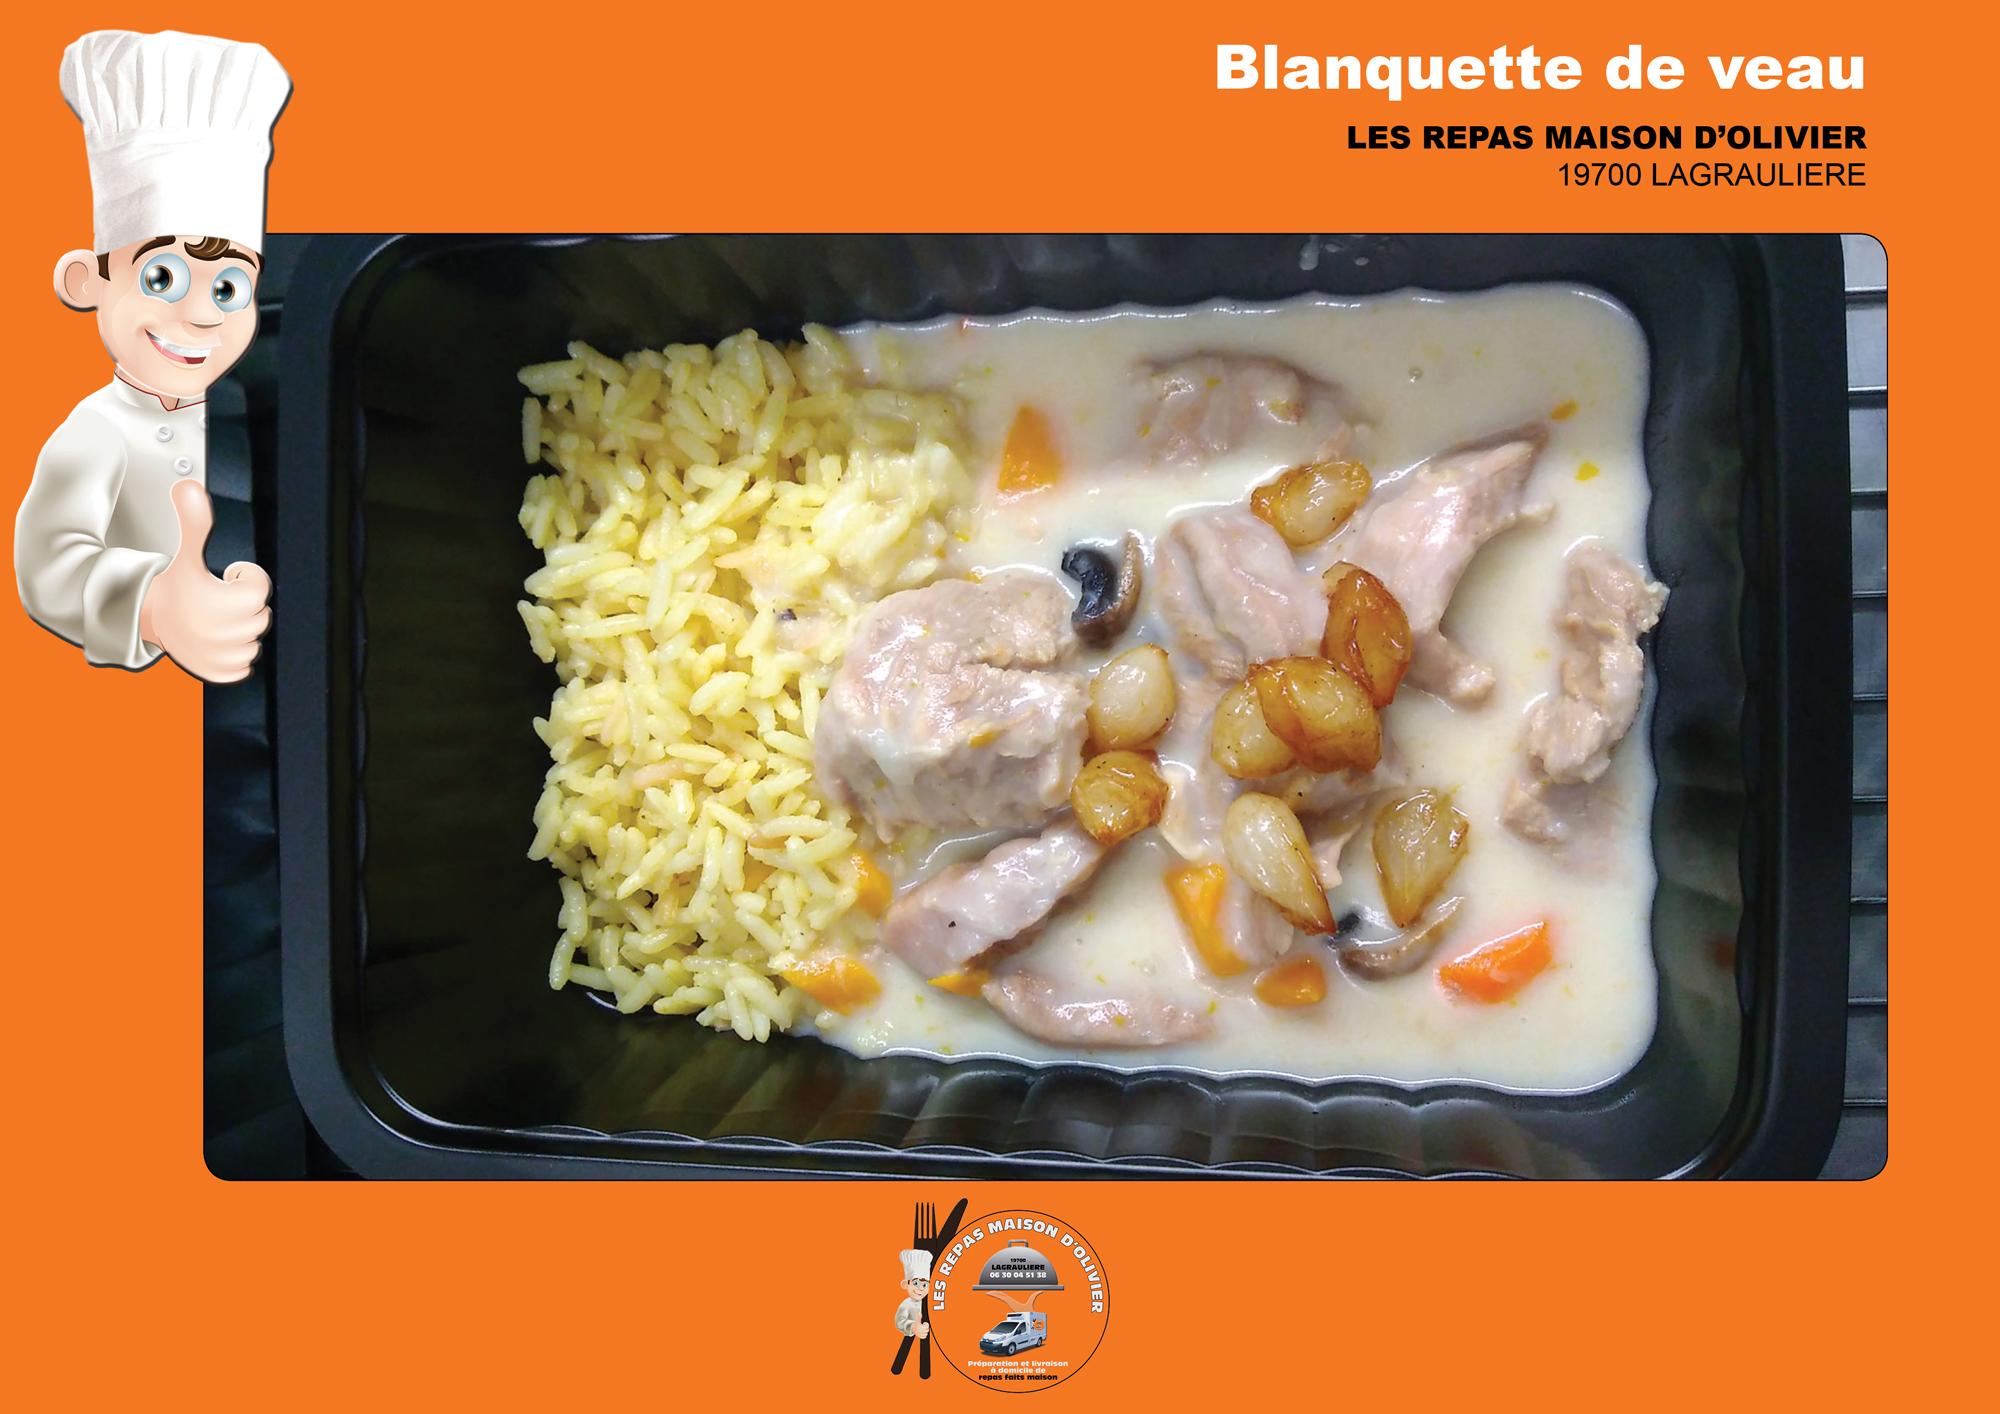 Blanquette-de-veau